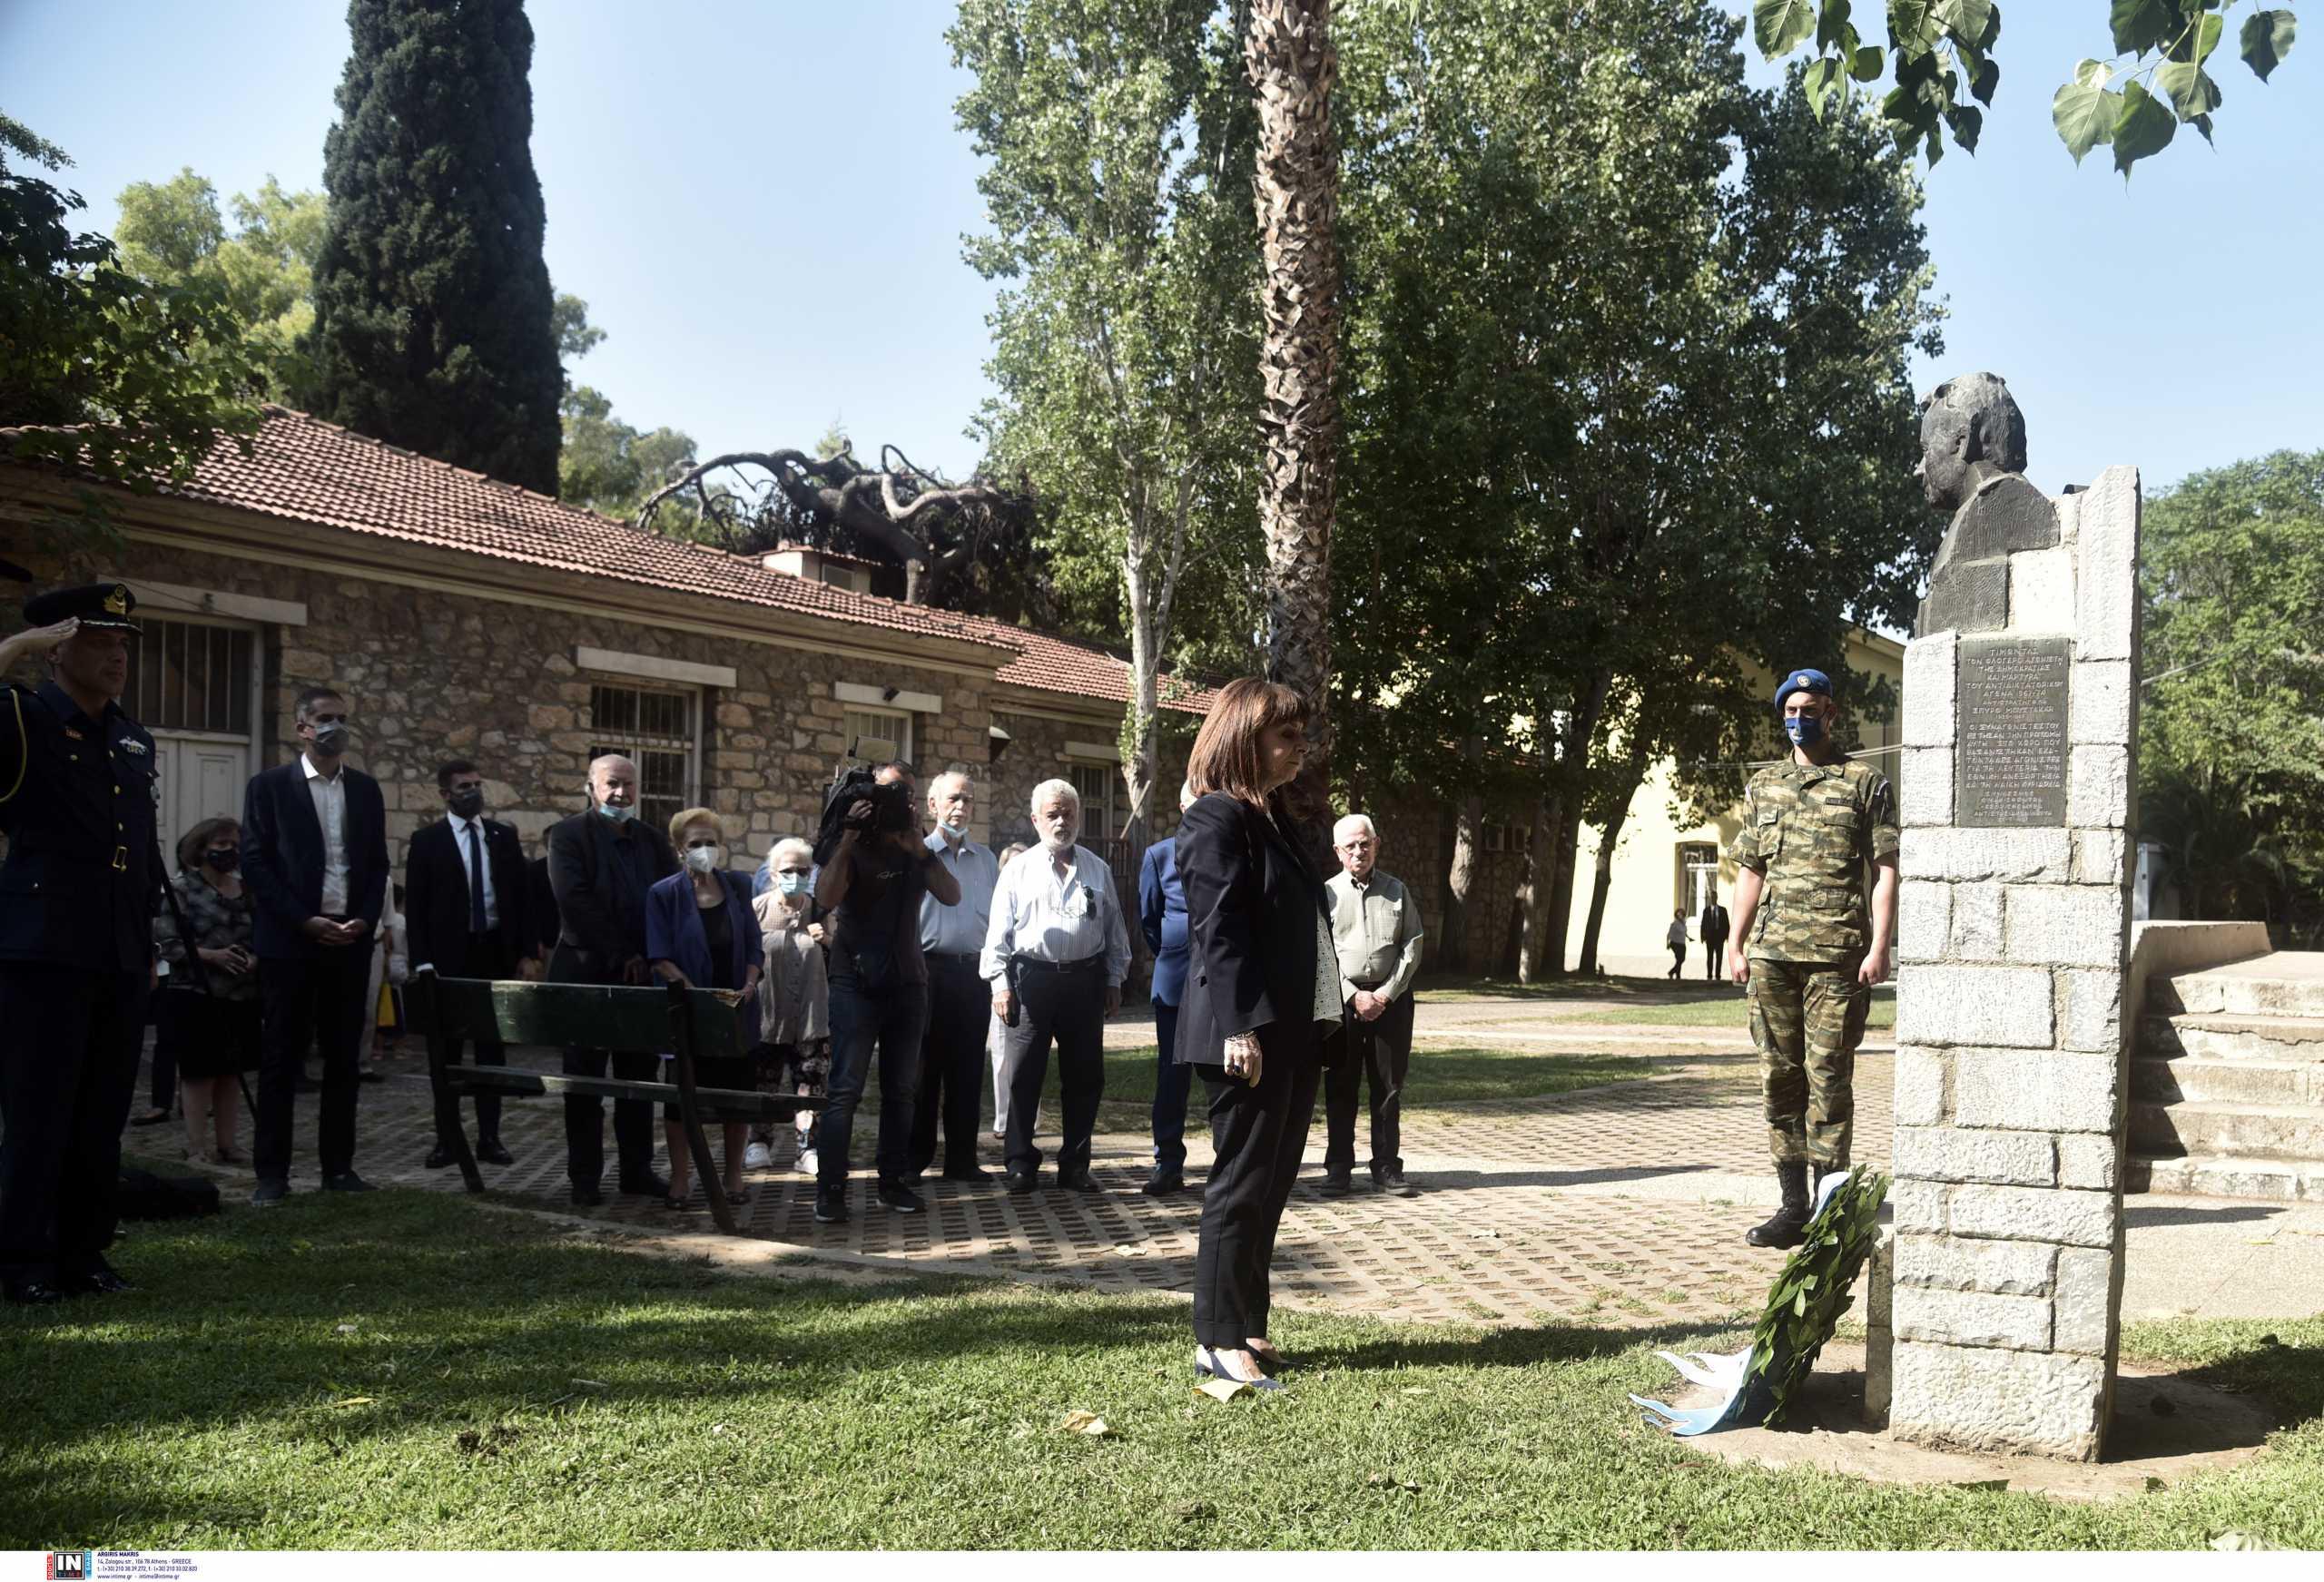 Κατερίνα Σακελλαροπούλου: Στεφάνι στο πρώην ΕΑΤ – ΕΣΑ για την 47η επέτειο από την πτώση της Χούντας